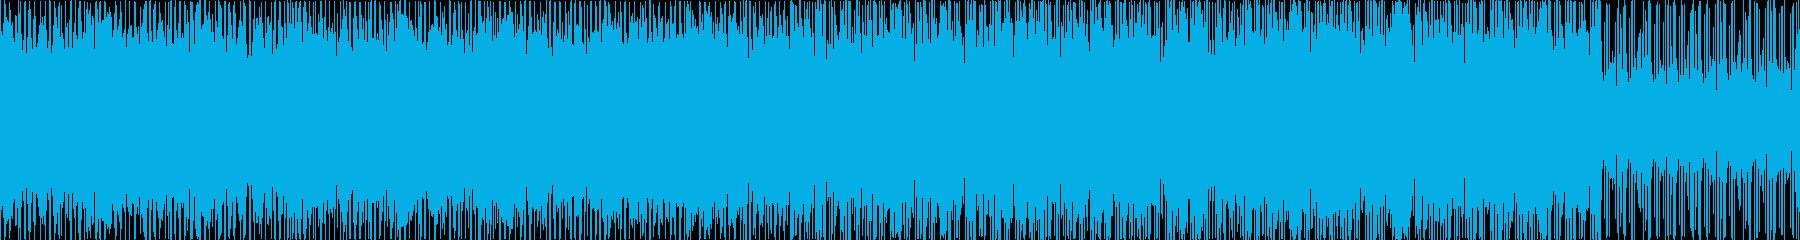 お洒落・ポジティブ・シンプルなBGM、Lの再生済みの波形